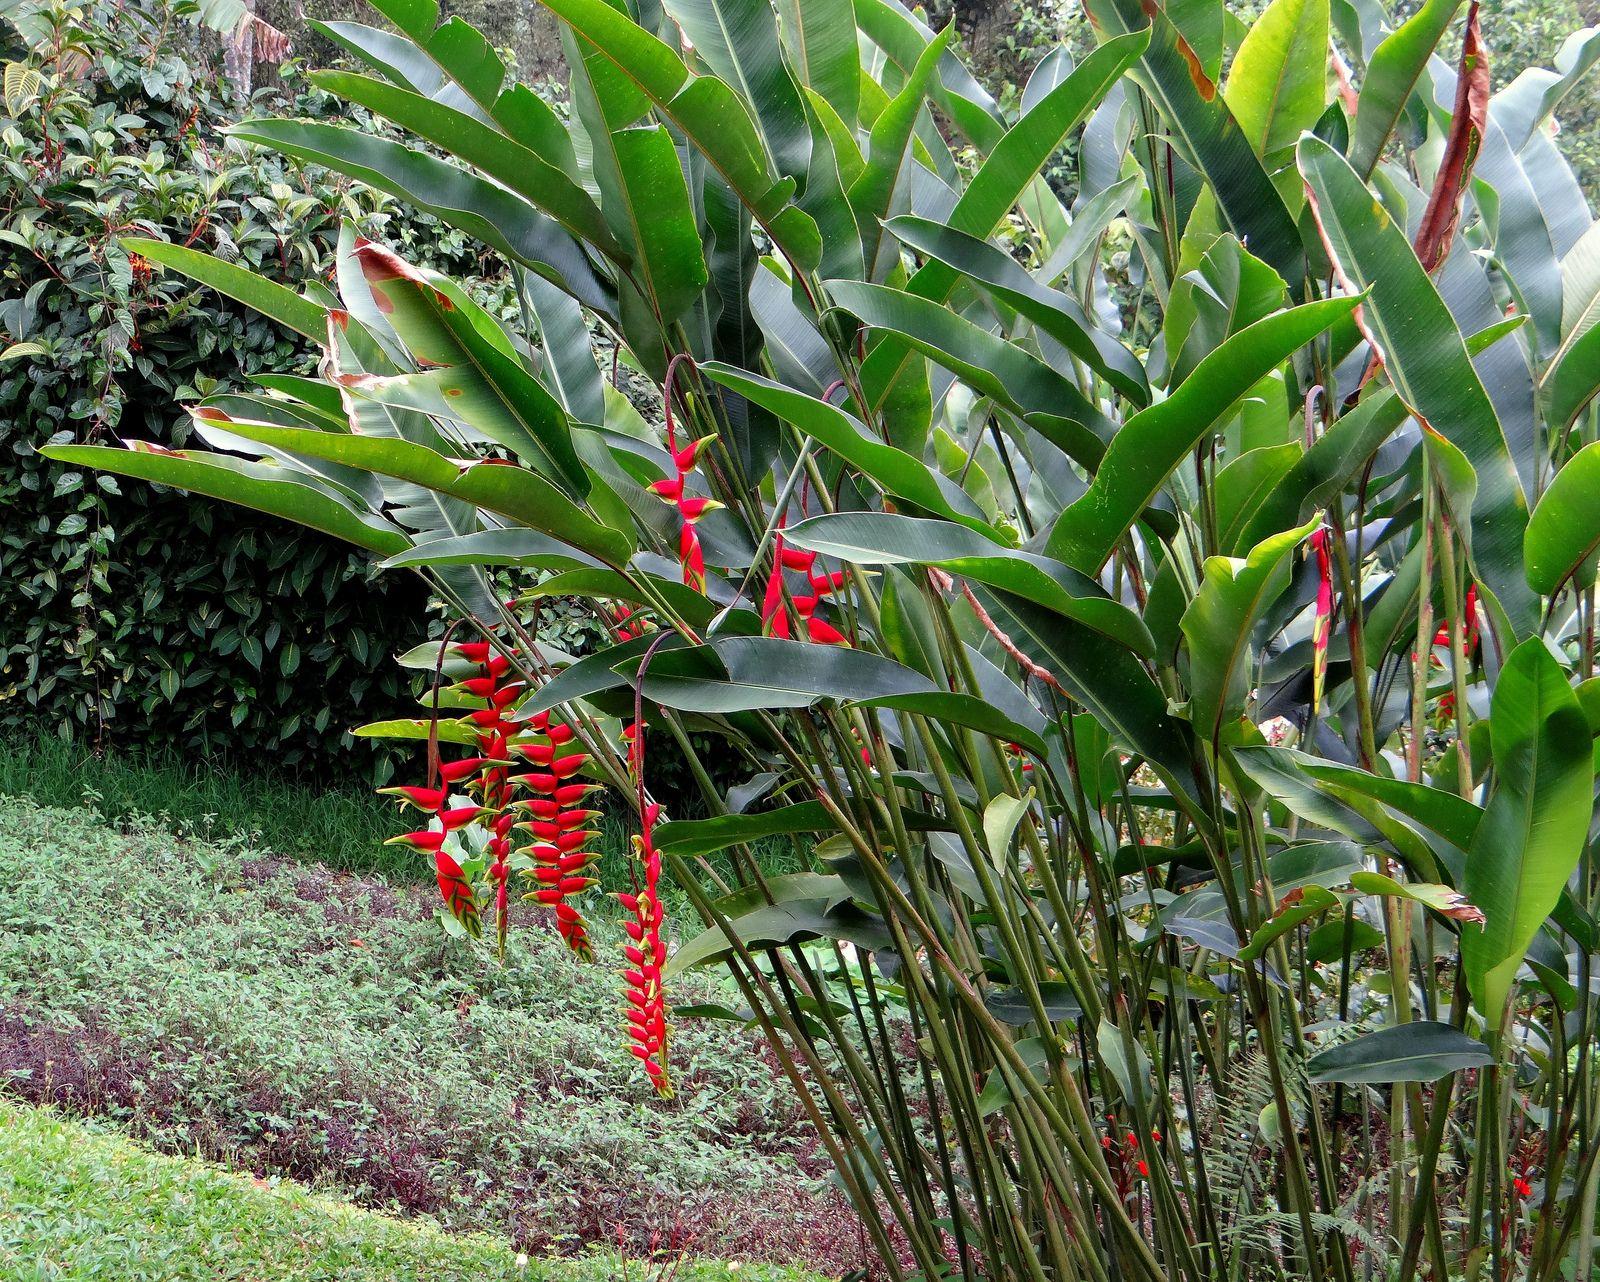 Heliconia La Planta Preferida En Jardines Tropicales Y: Patujú (Heliconia Rostrata)